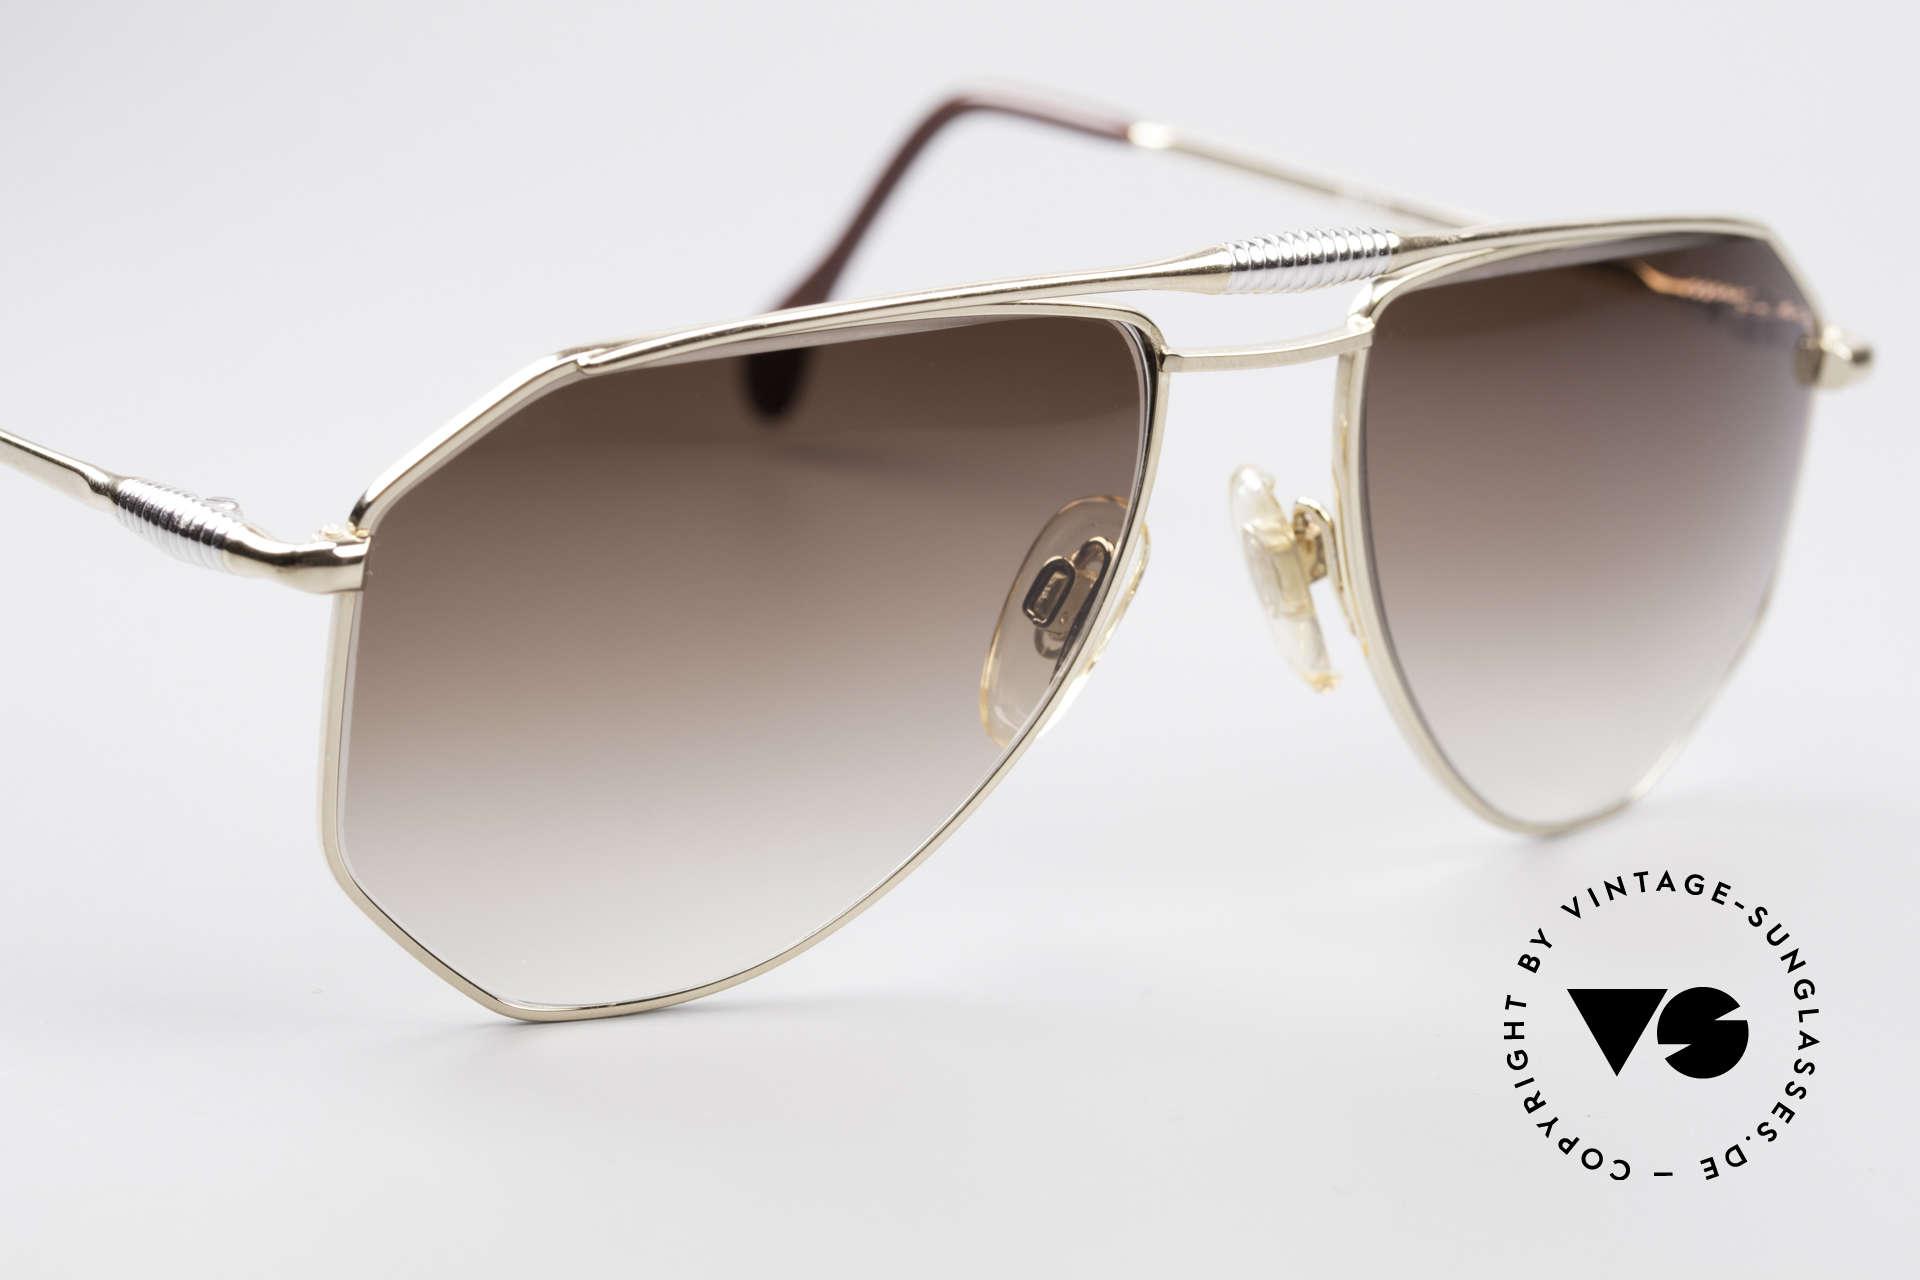 Zollitsch Cadre 120 Medium 80er Vintage Brille, KEINE Retrobrille; ein 30 Jahre altes Unikat, Gr. 56°18, Passend für Herren